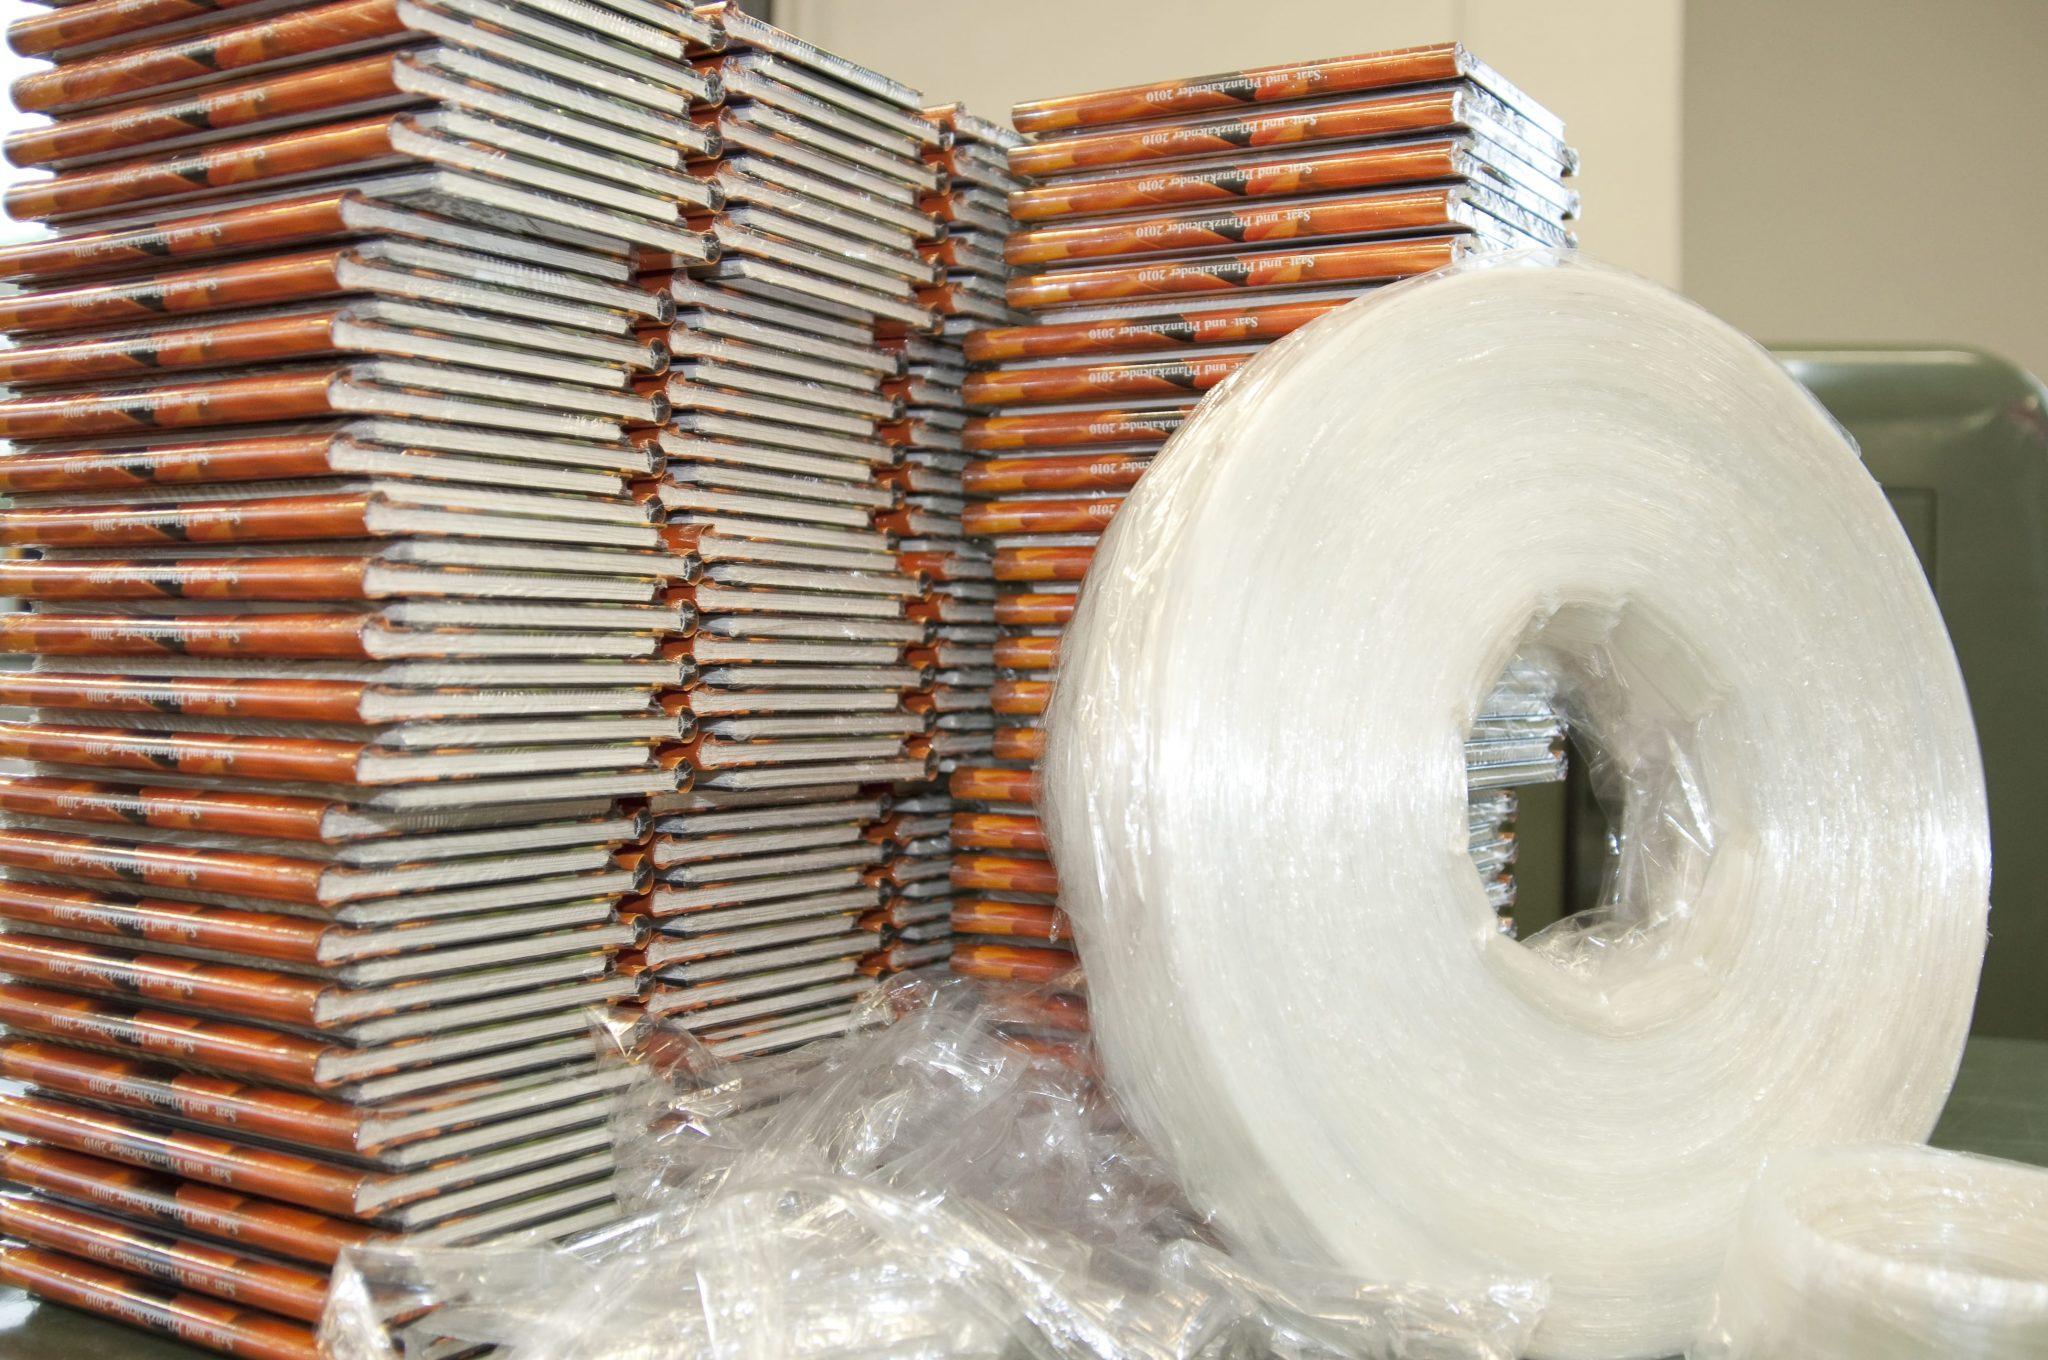 Endprodukt-geschrumpfter-Bücher